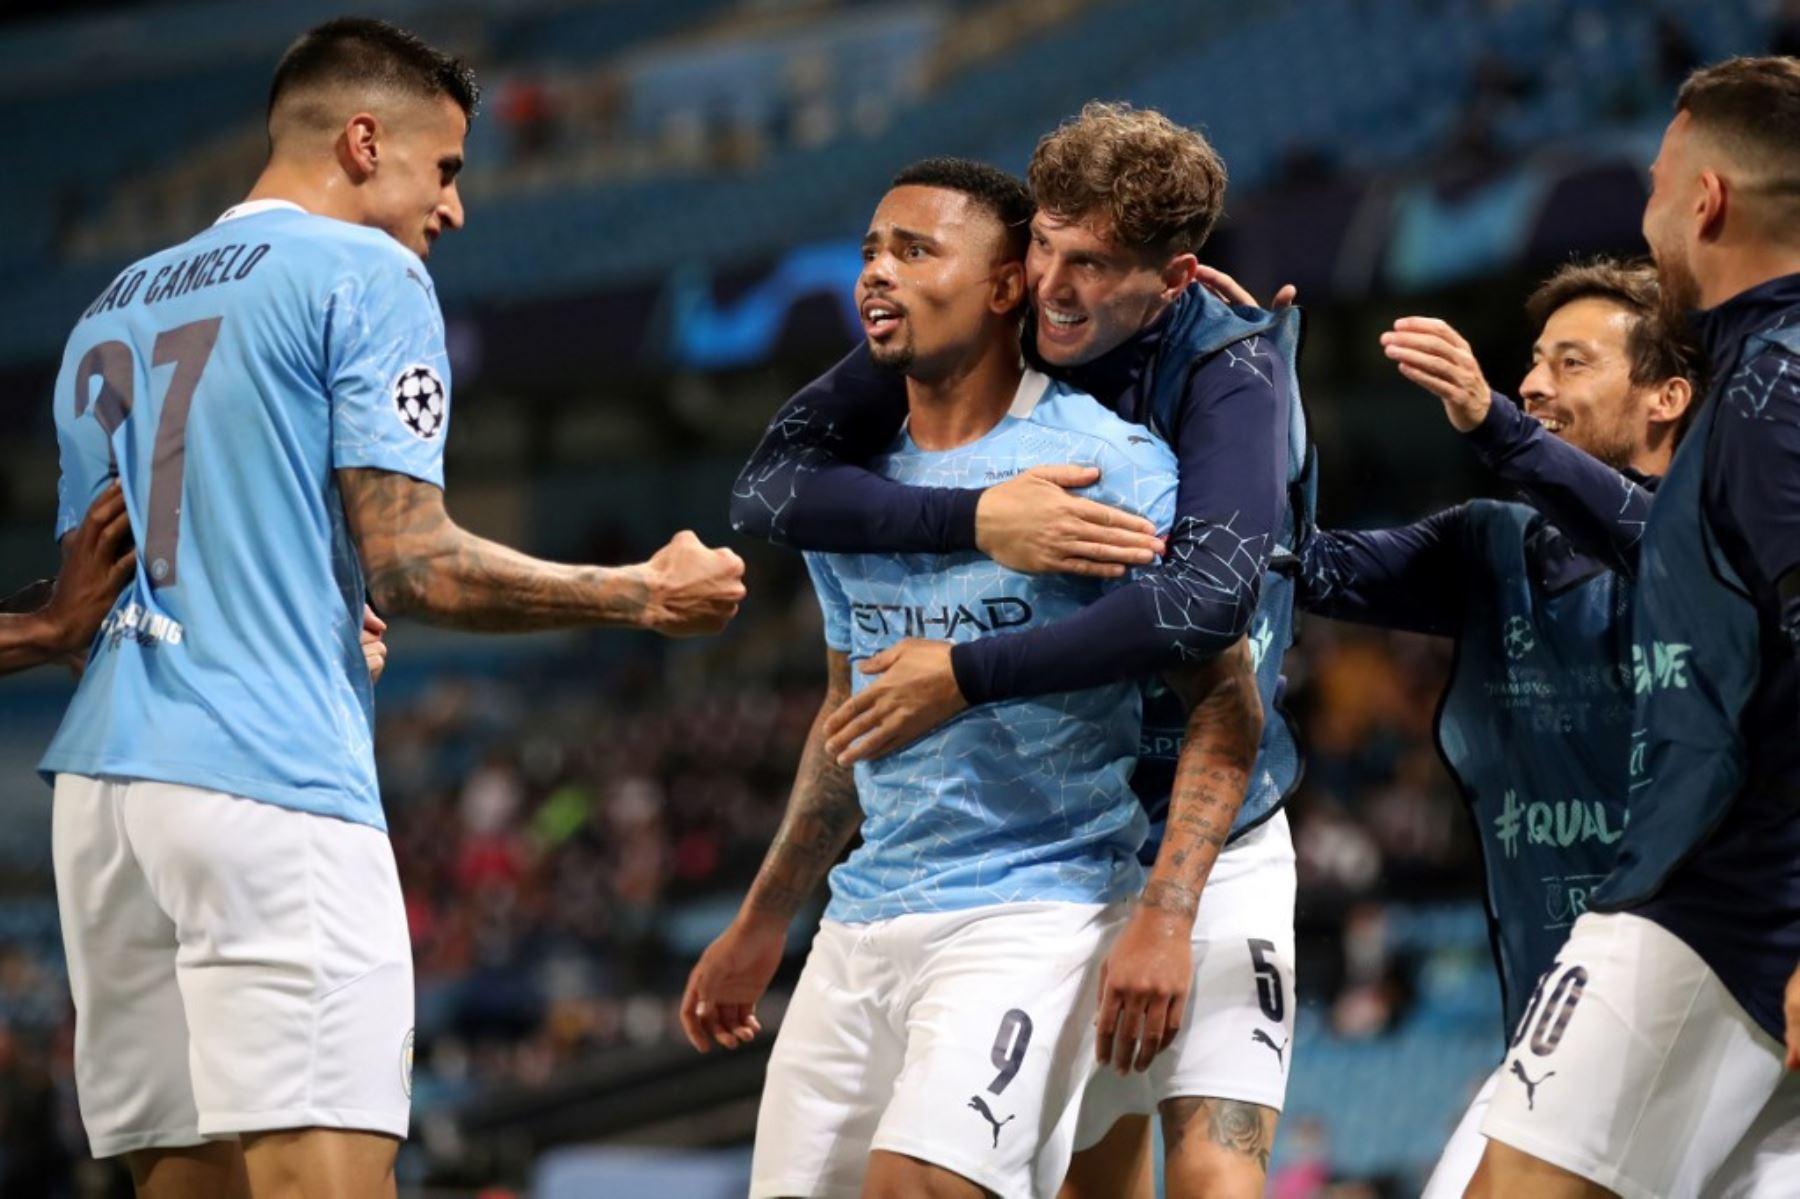 El delantero brasileño del Manchester City Gabriel Jesus celebra anotar el segundo gol de su equipo durante la ronda de la Liga de Campeones de la UEFA .Foto:AFP